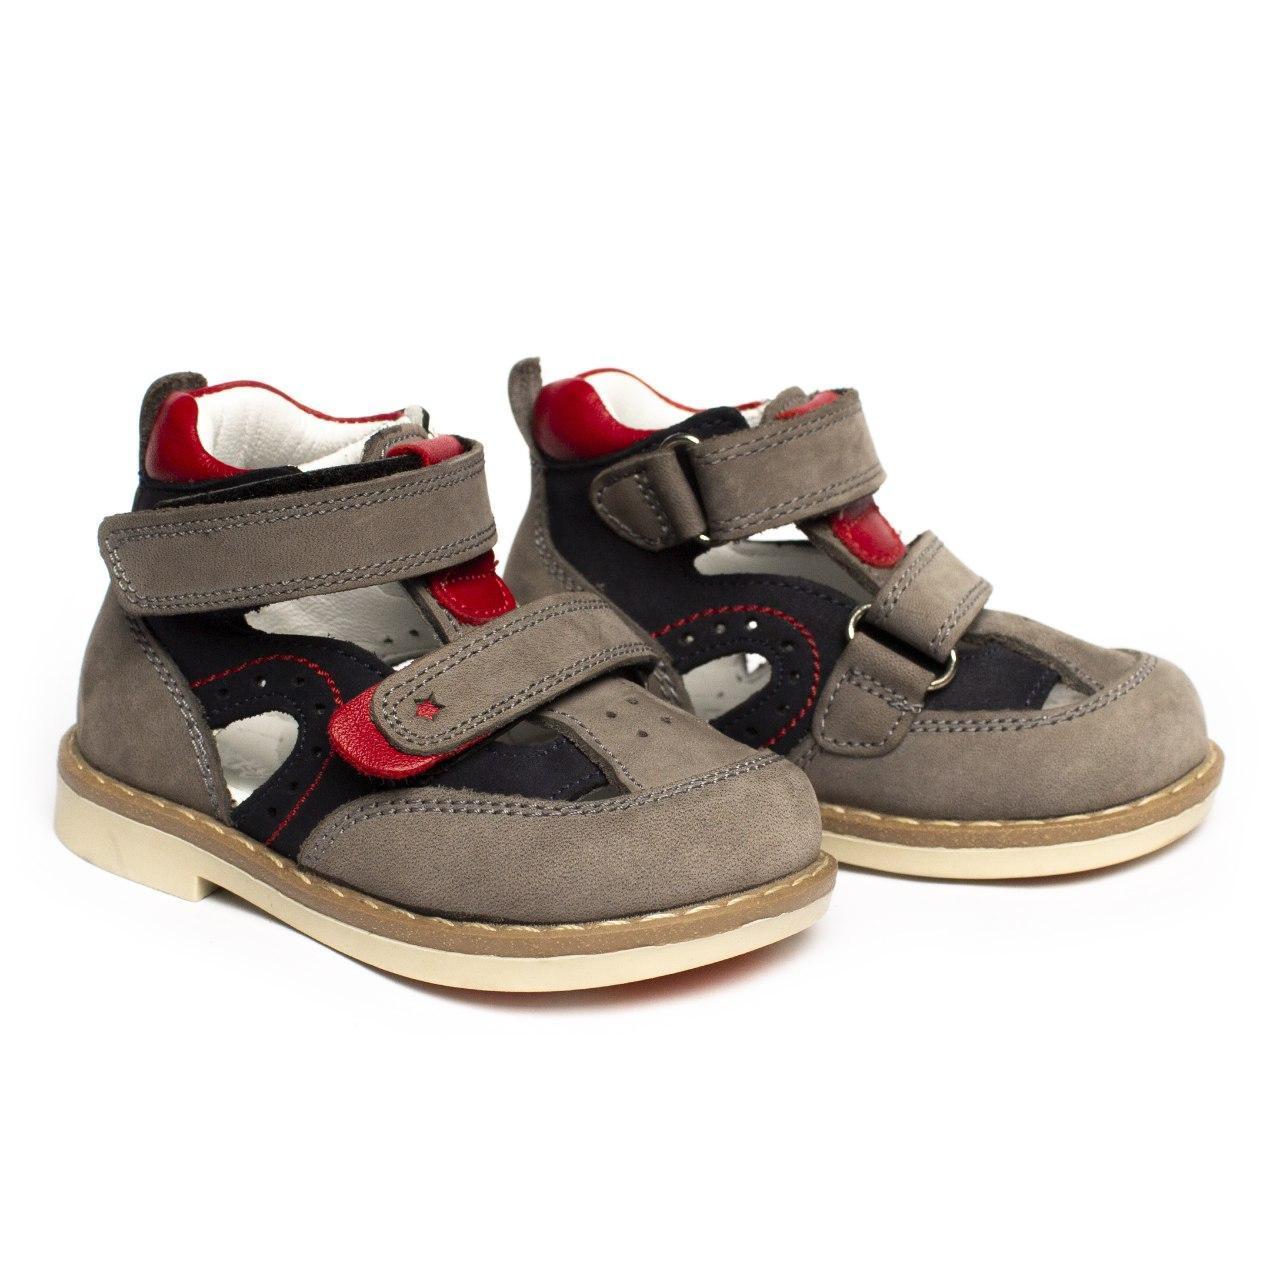 Шкіряні ортопедичні черевички для хлопчика, розміри 18